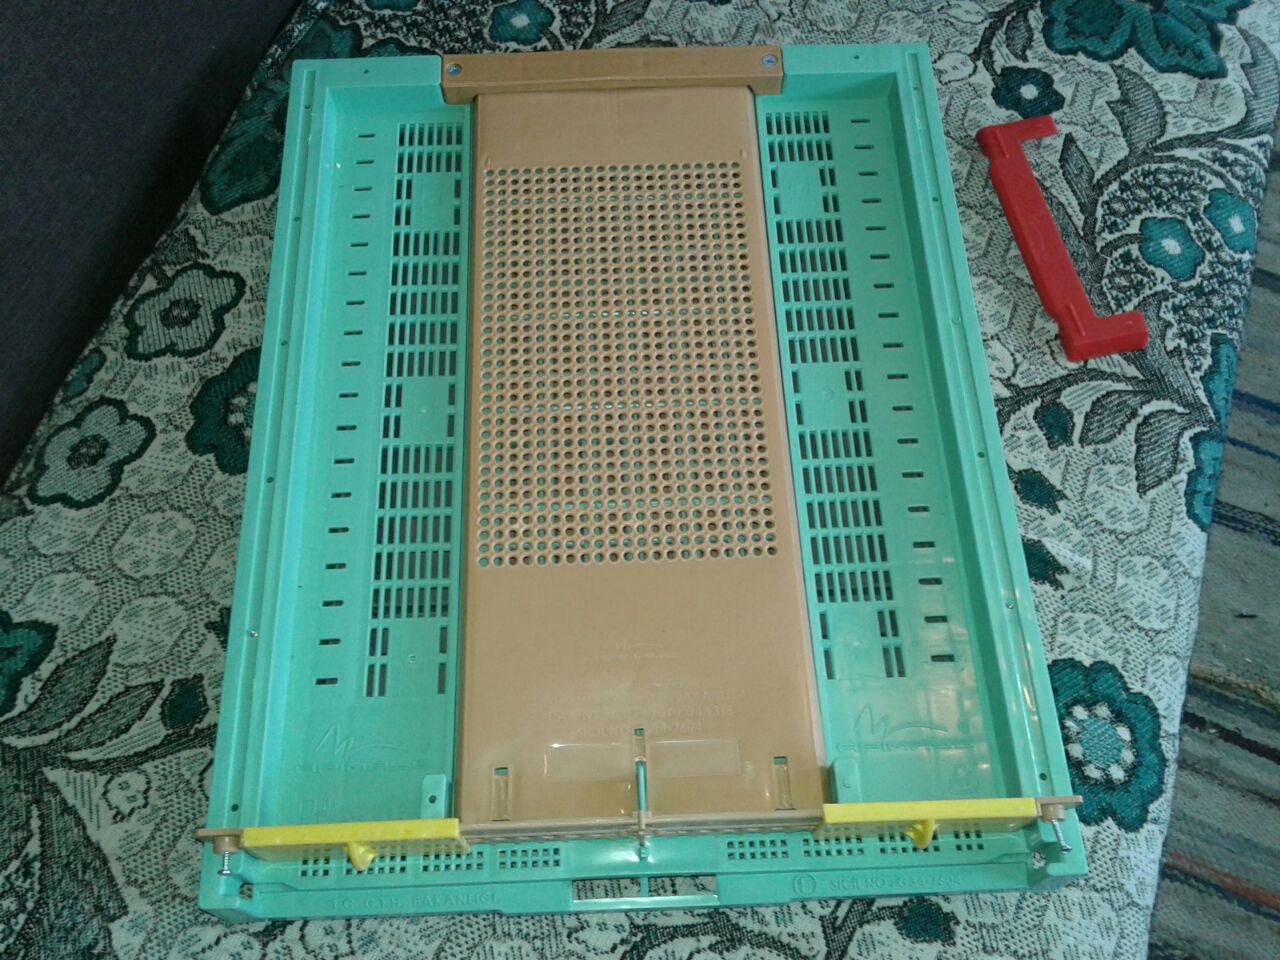 пыльцеуловитель турецкого производства Пыльцесборник донный пластиковый